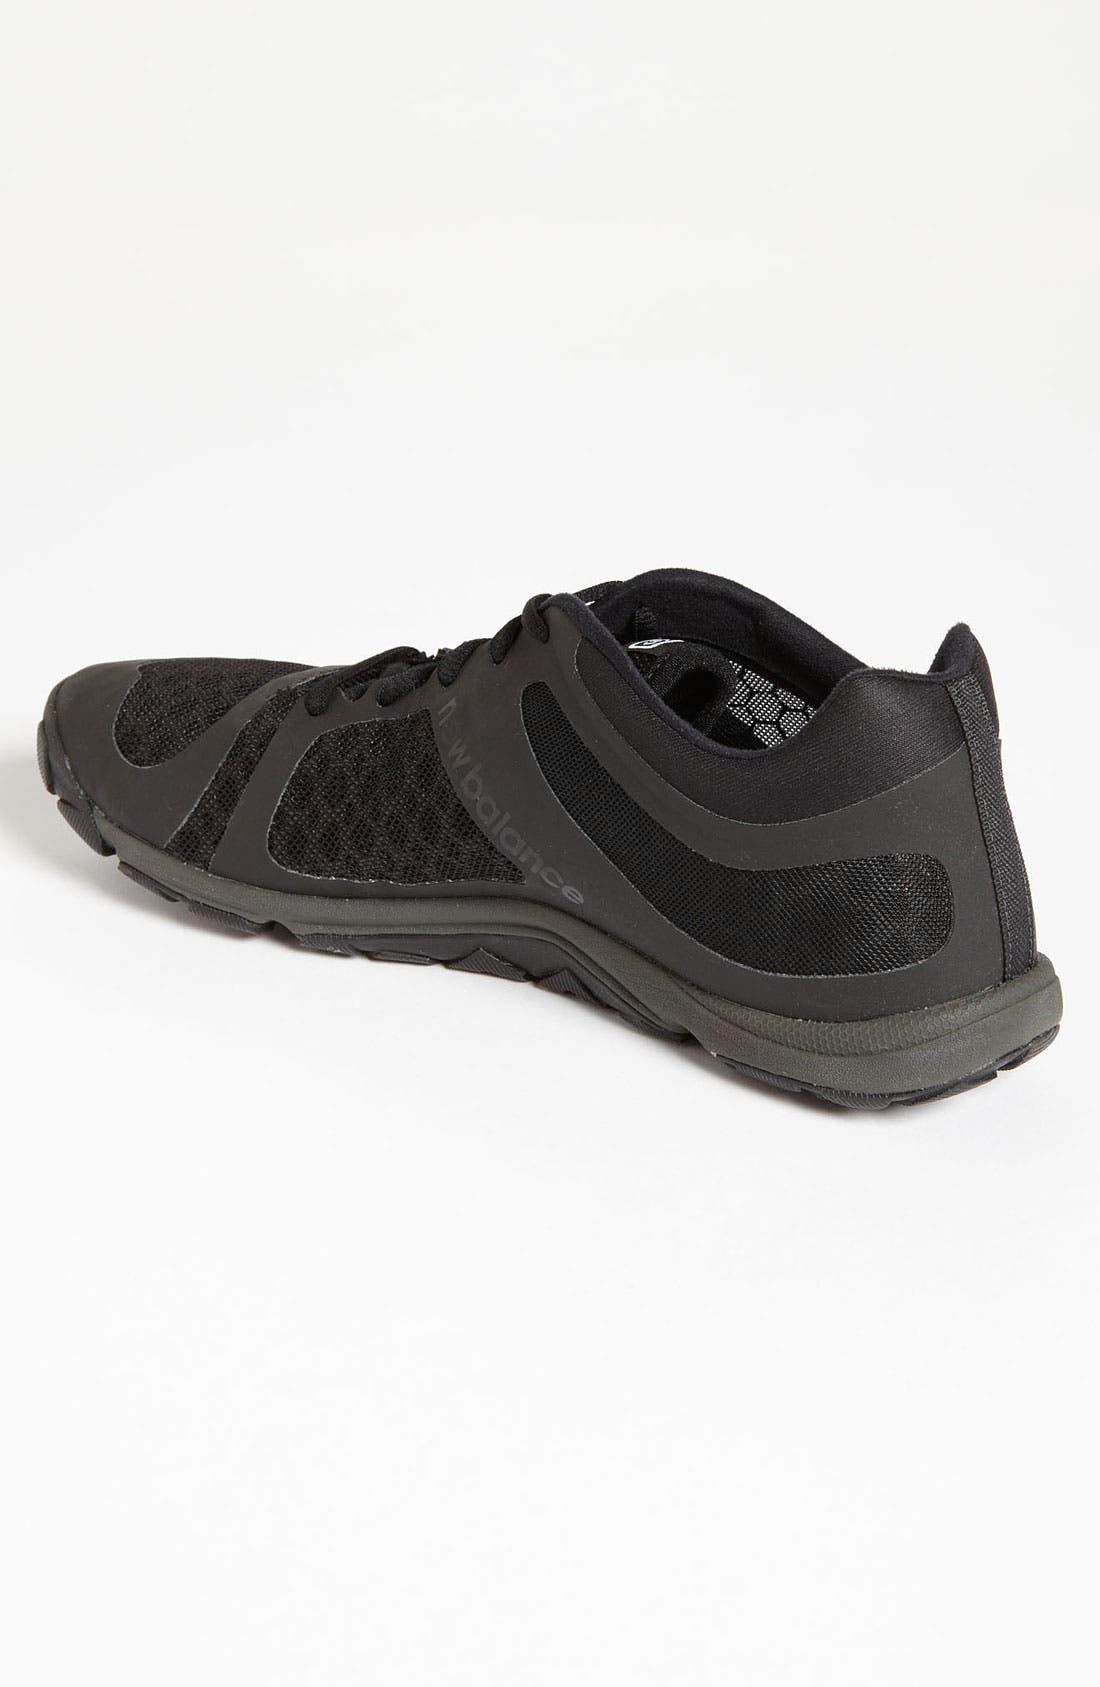 Alternate Image 2  - New Balance 'Minimus 20v3' Training Shoe (Men)